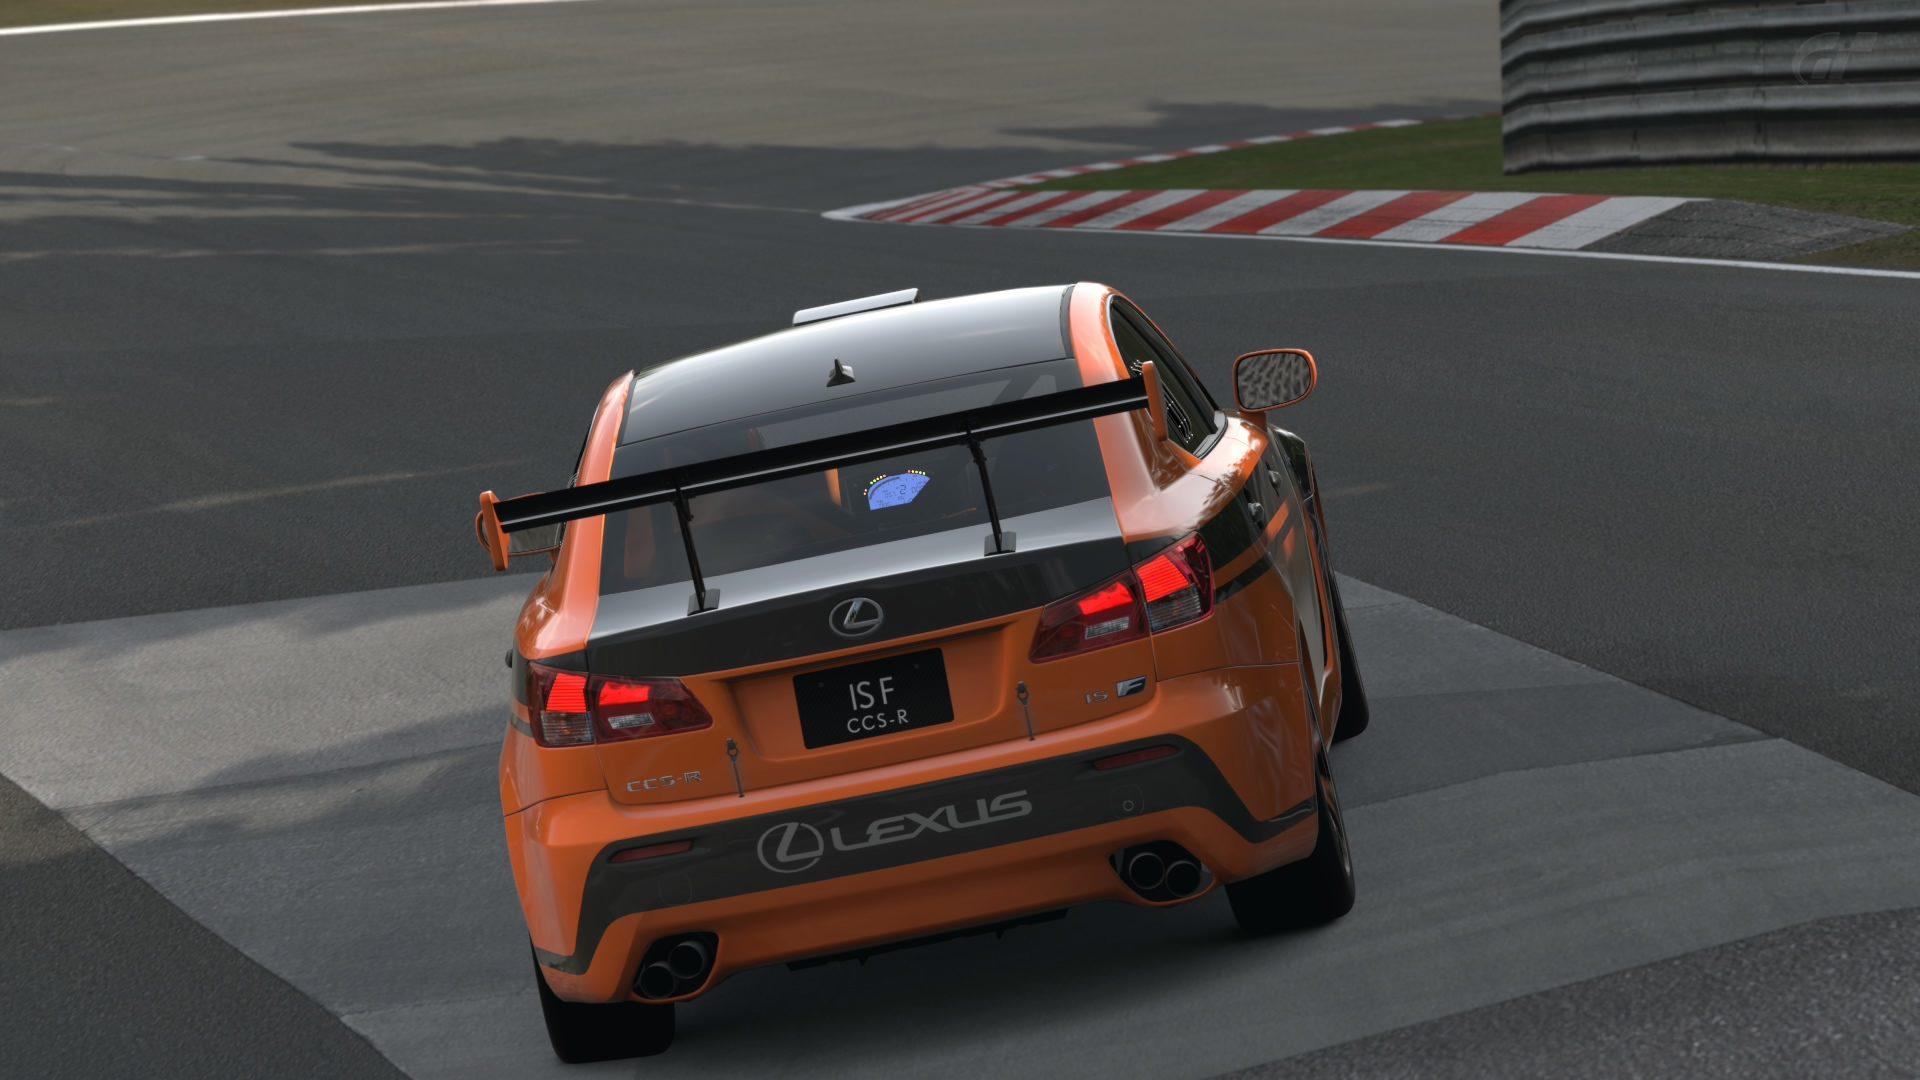 Nürburgring 24h IS F CCS-R 47.jpg